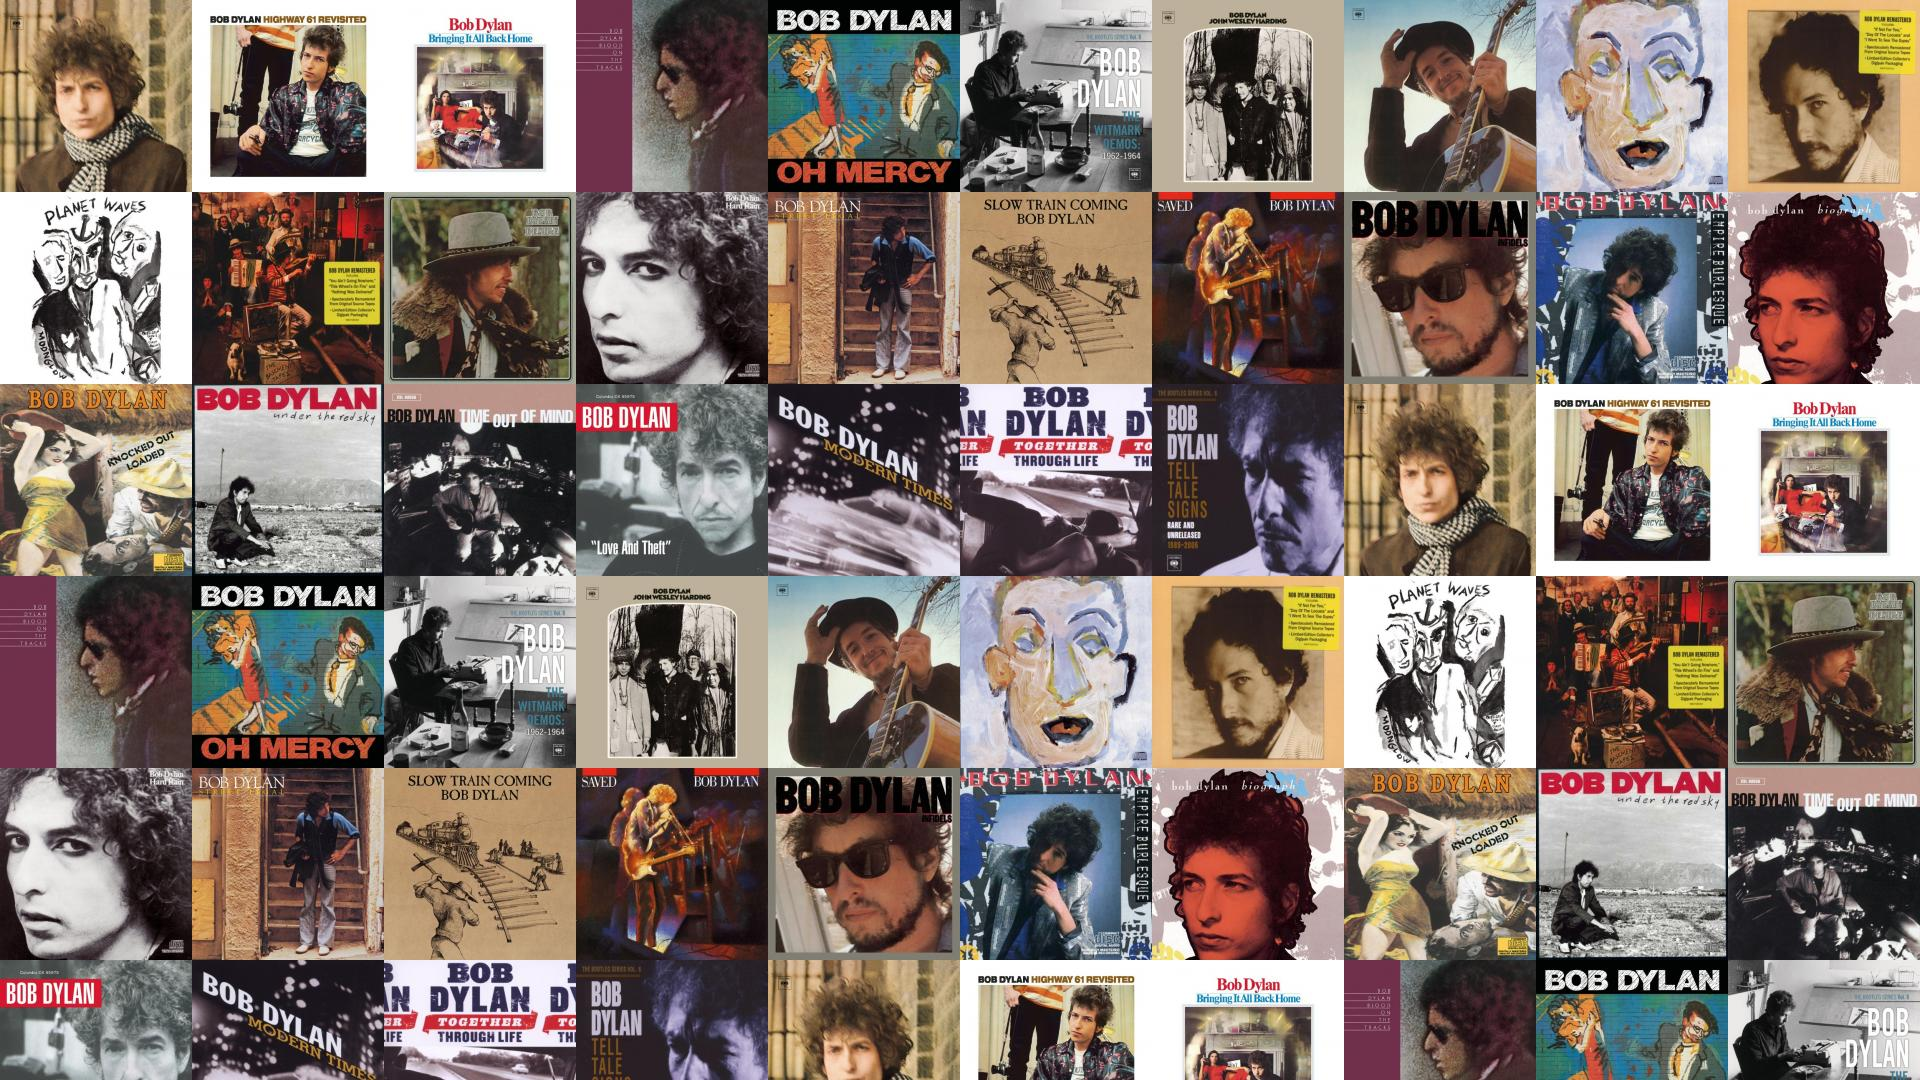 Dylan Blonde On Highway 61 Revisited Bringing Wallpaper Tiled Desktop